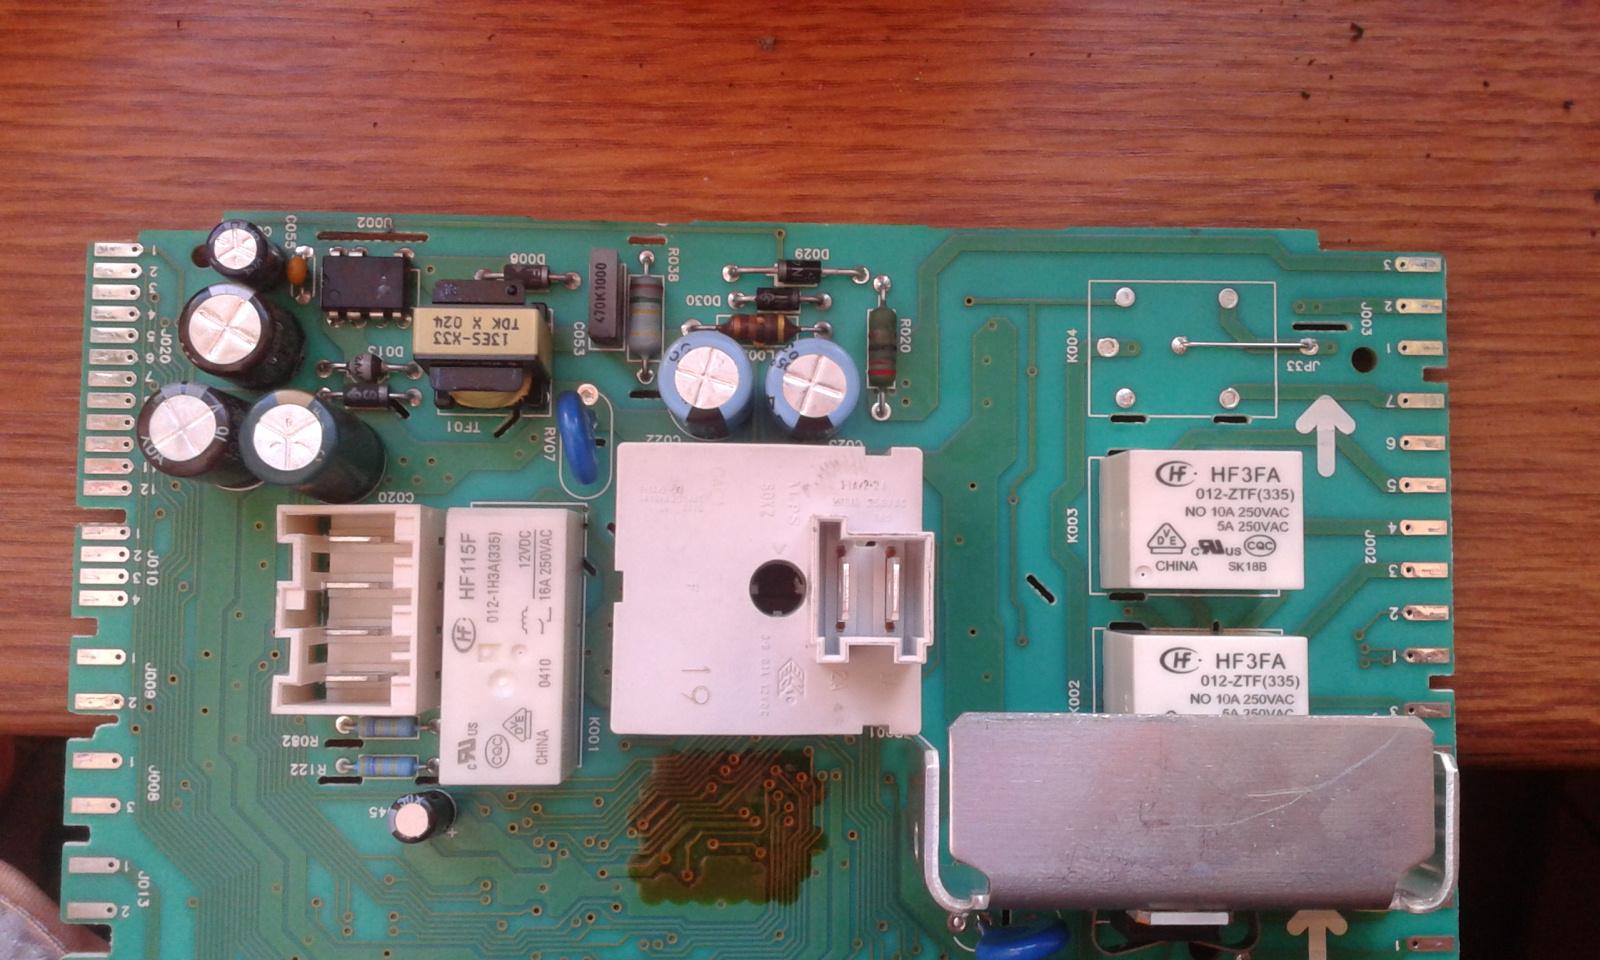 AWE 6730/P,Whirlpool, - prosz� o identyfikacj� rezystora R020